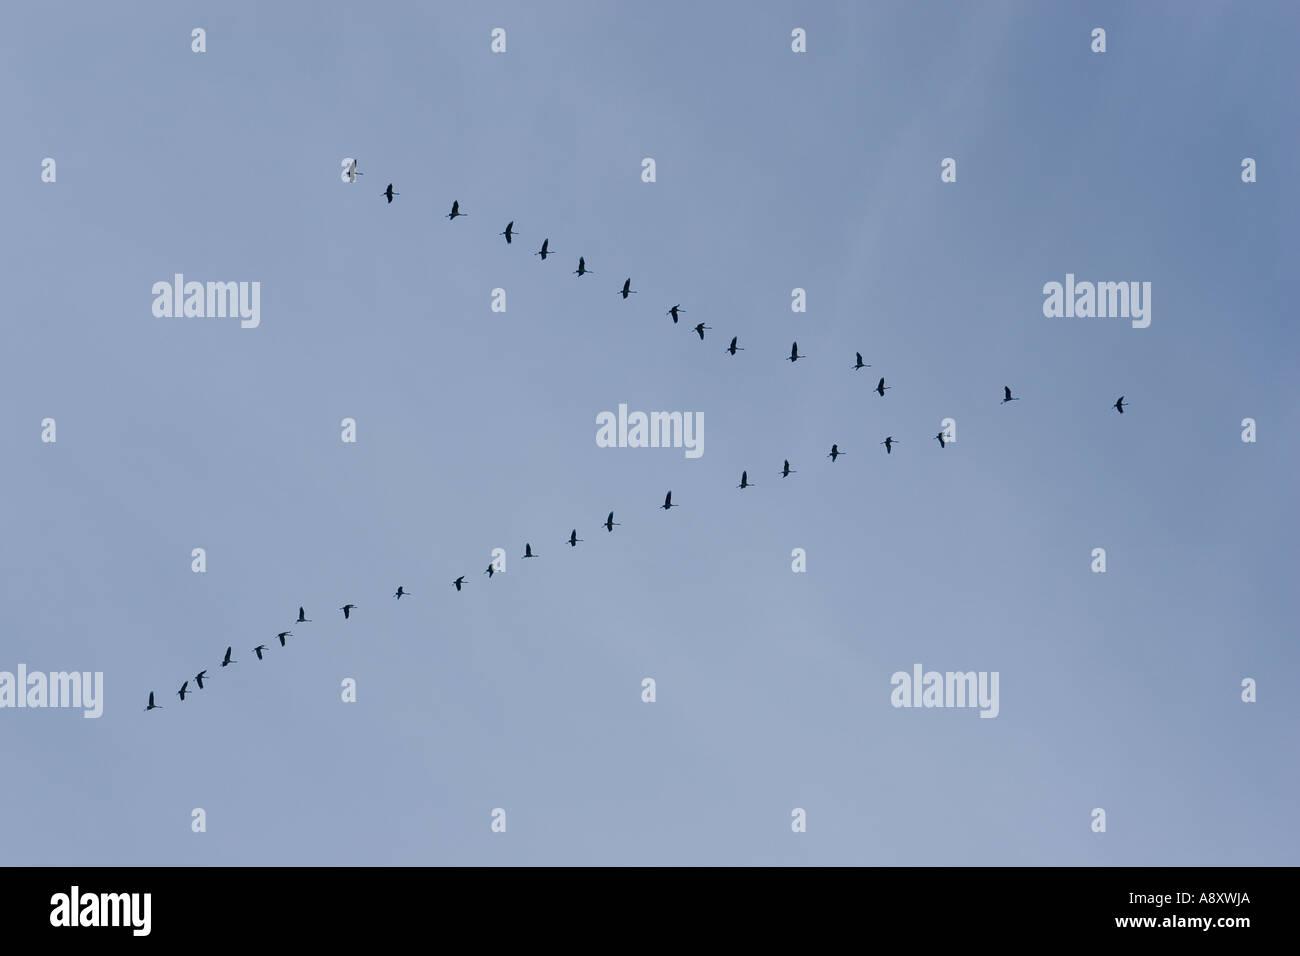 Flock battant de grues cendrées (Grus grus). Cher - France. Vol en formation de grues cendrées (Grus grus) (Cher 18 - France). Photo Stock